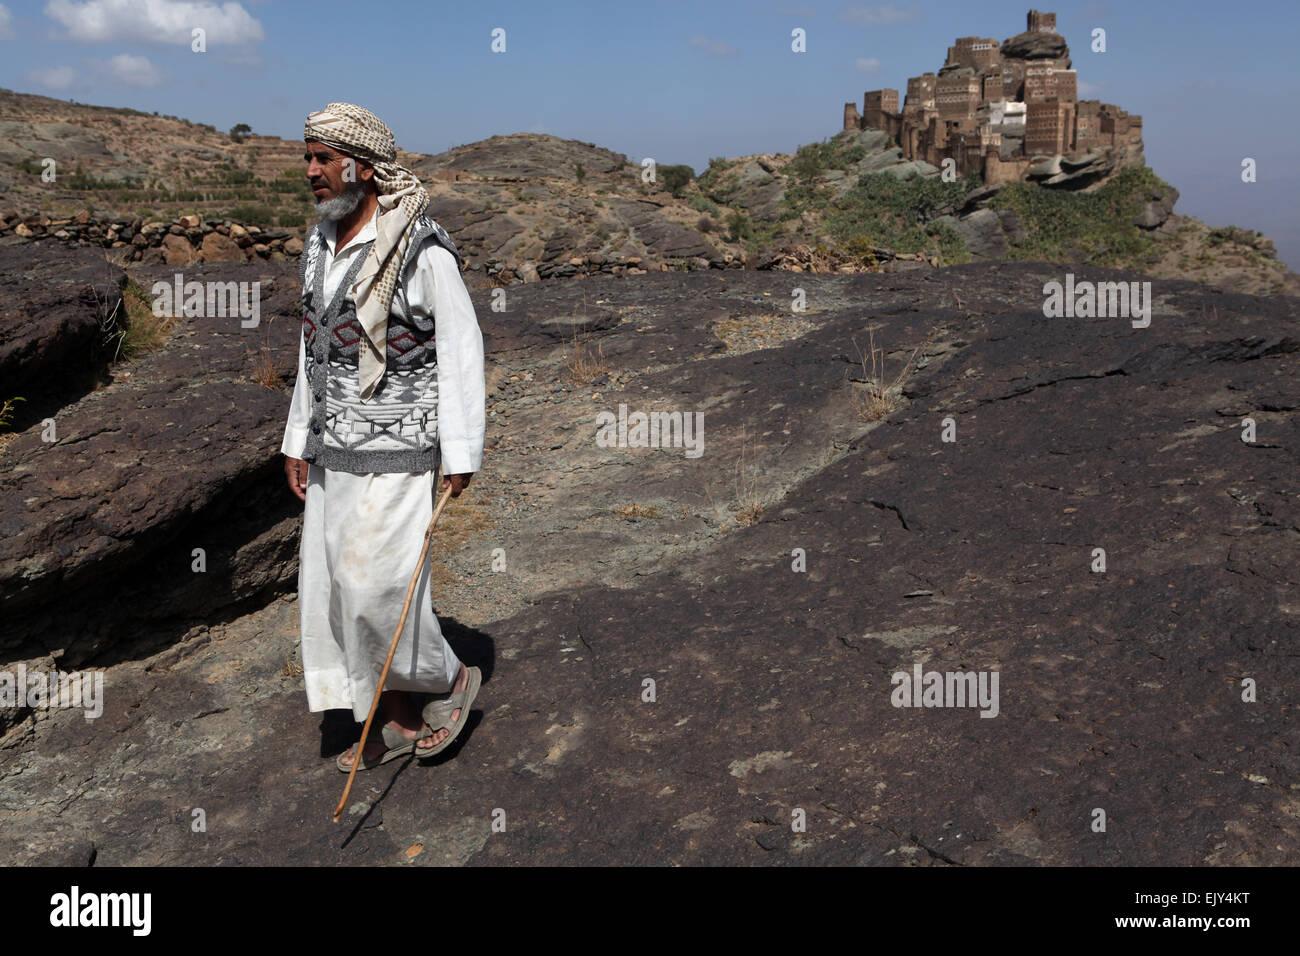 Shepherd in rural Yemen. - Stock Image